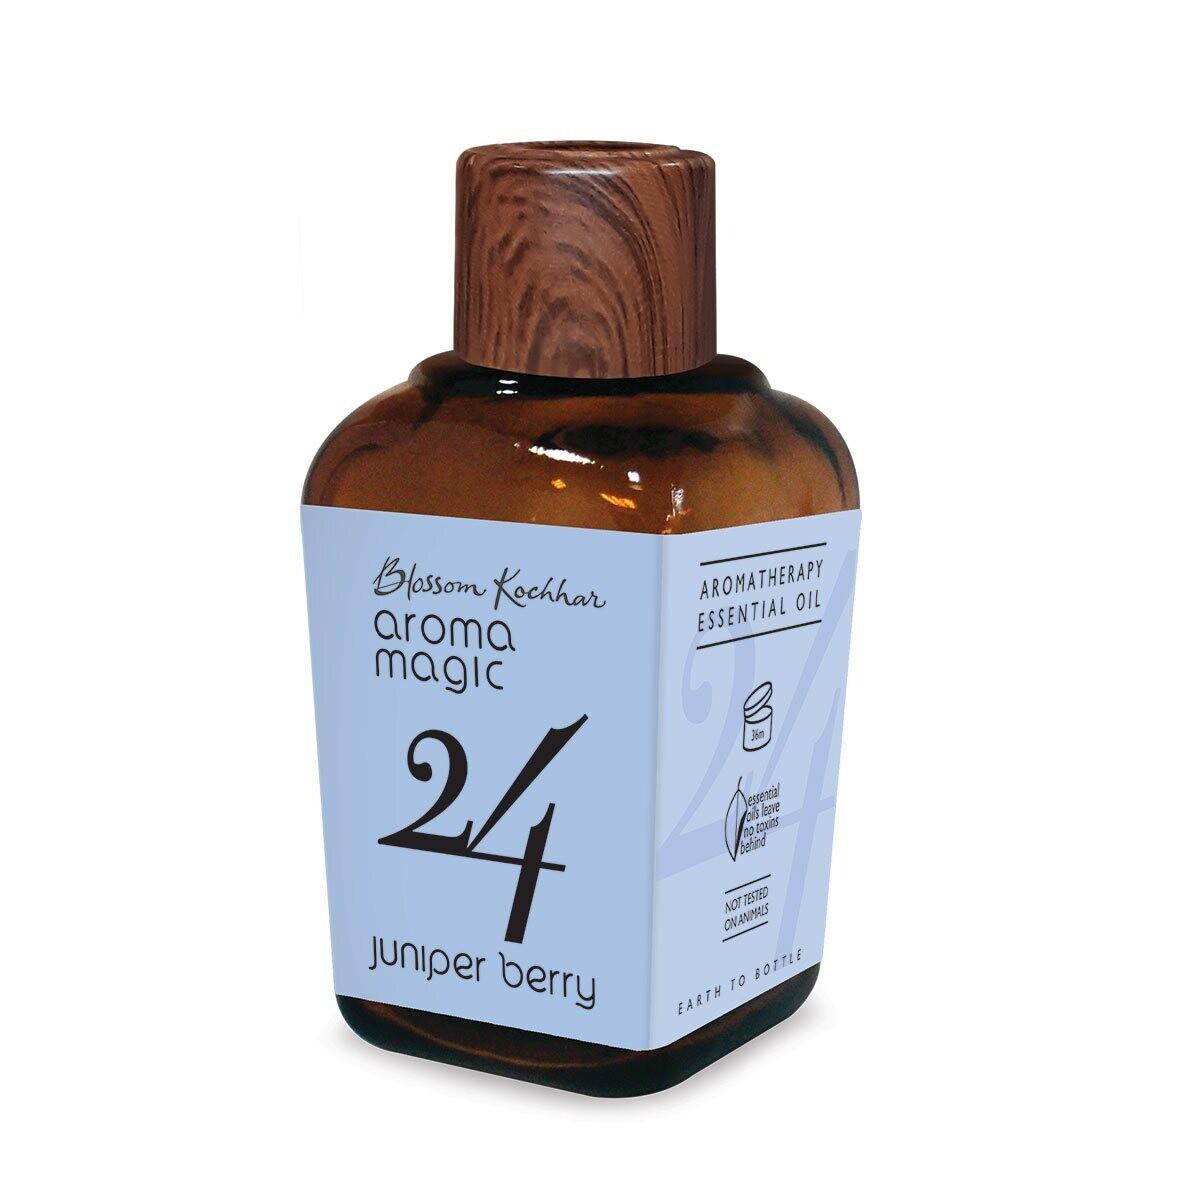 Aroma Magic 24 Juniper Berry Oil 20 Ml